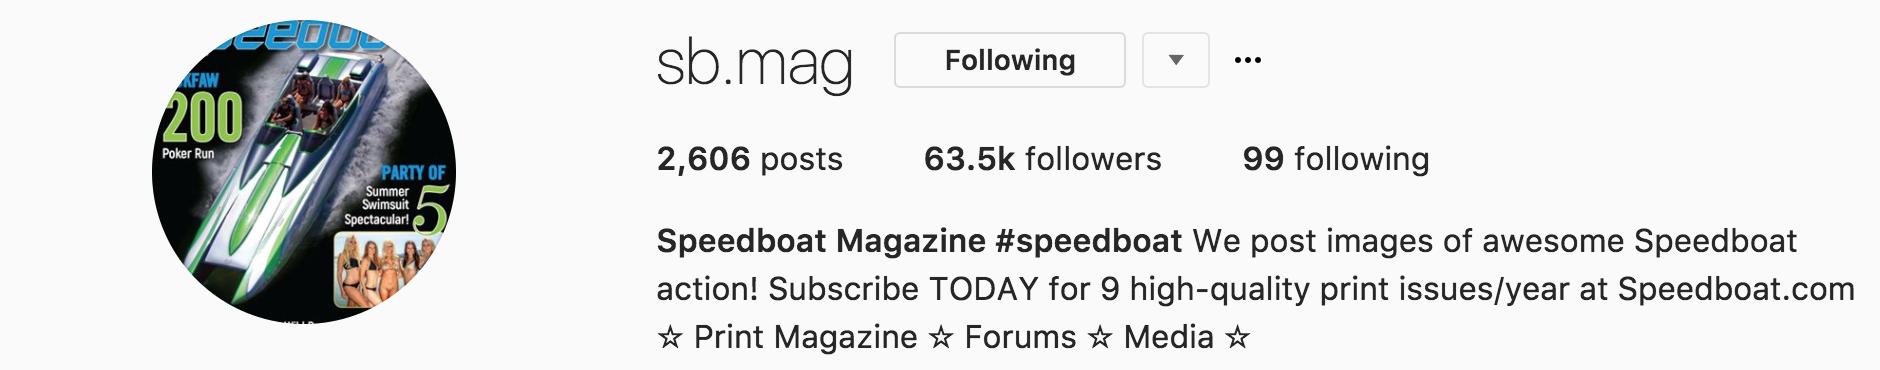 speedboat magazine instagram